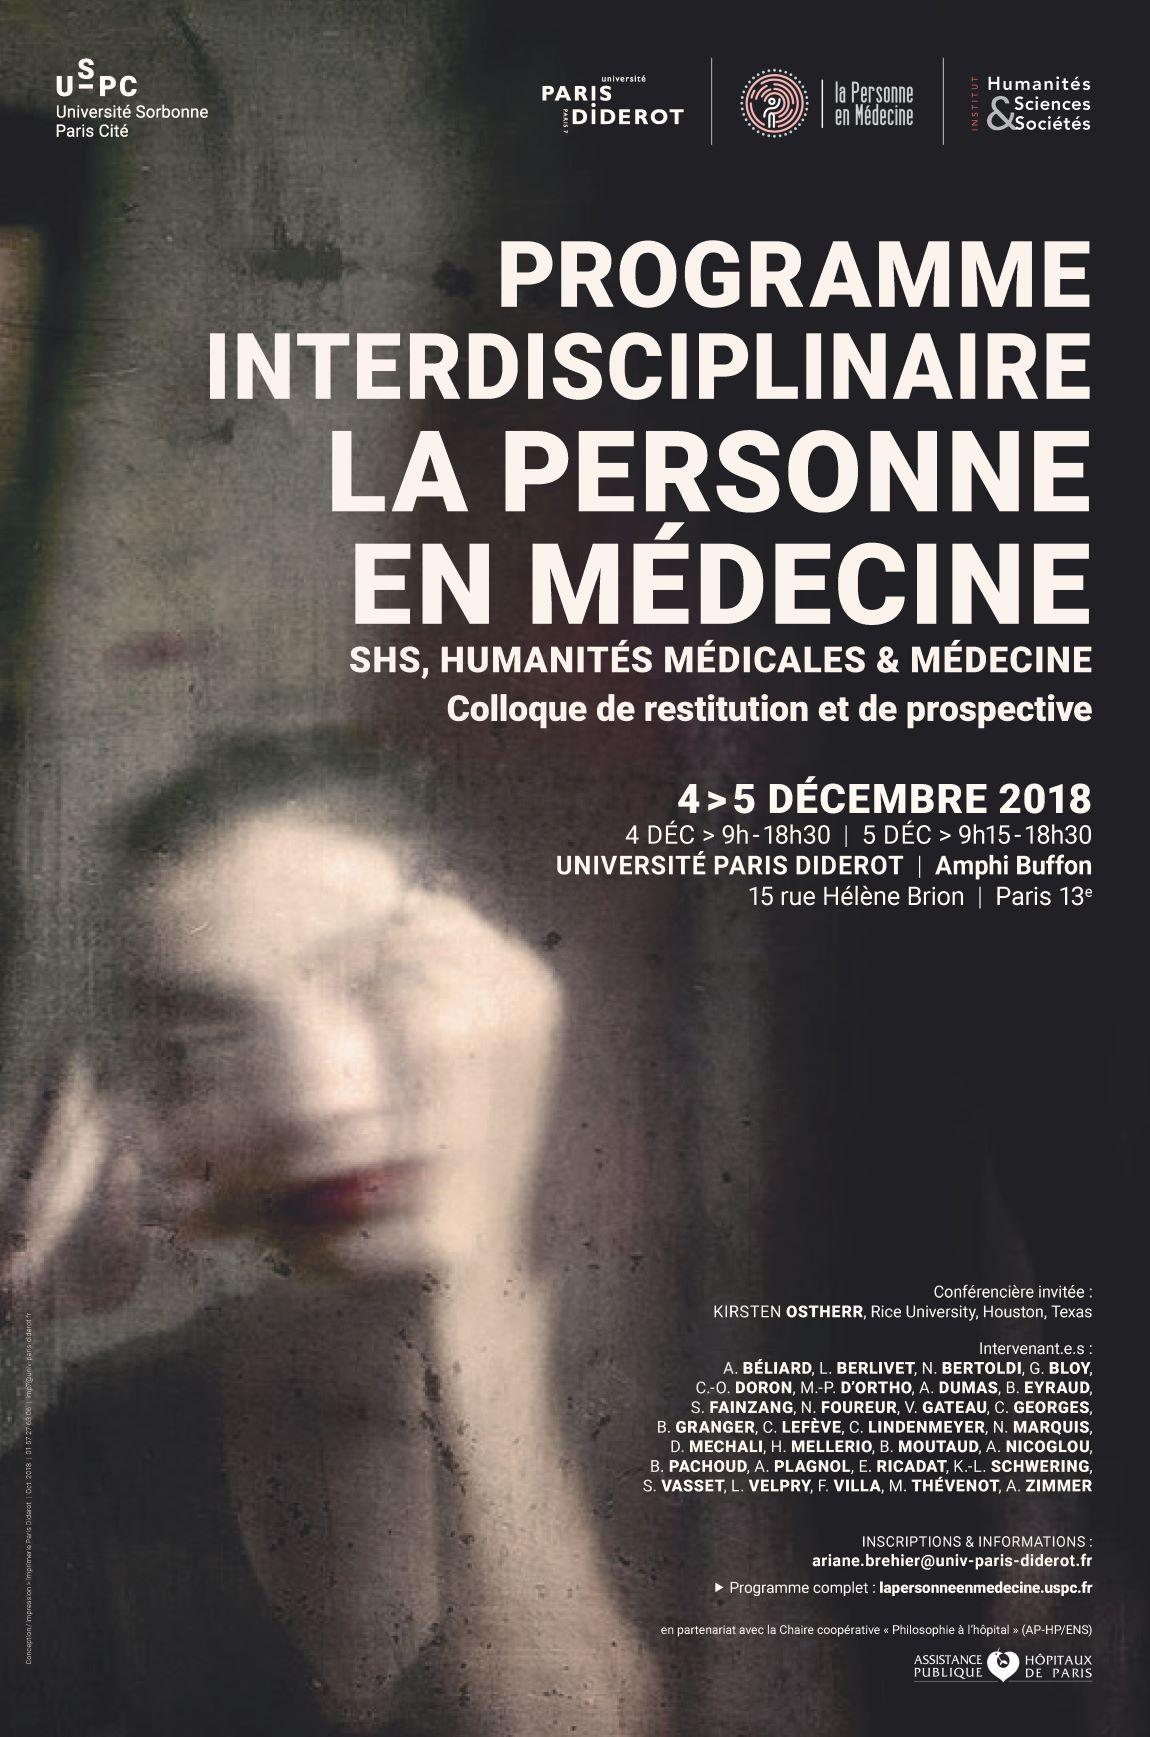 Colloque de restitution et de prospective du Programme interdisciplinaire USPC « La Personne en médecine. SHS, Humanités médicales & Médecine » – 4 et 5 décembre – Paris Diderot